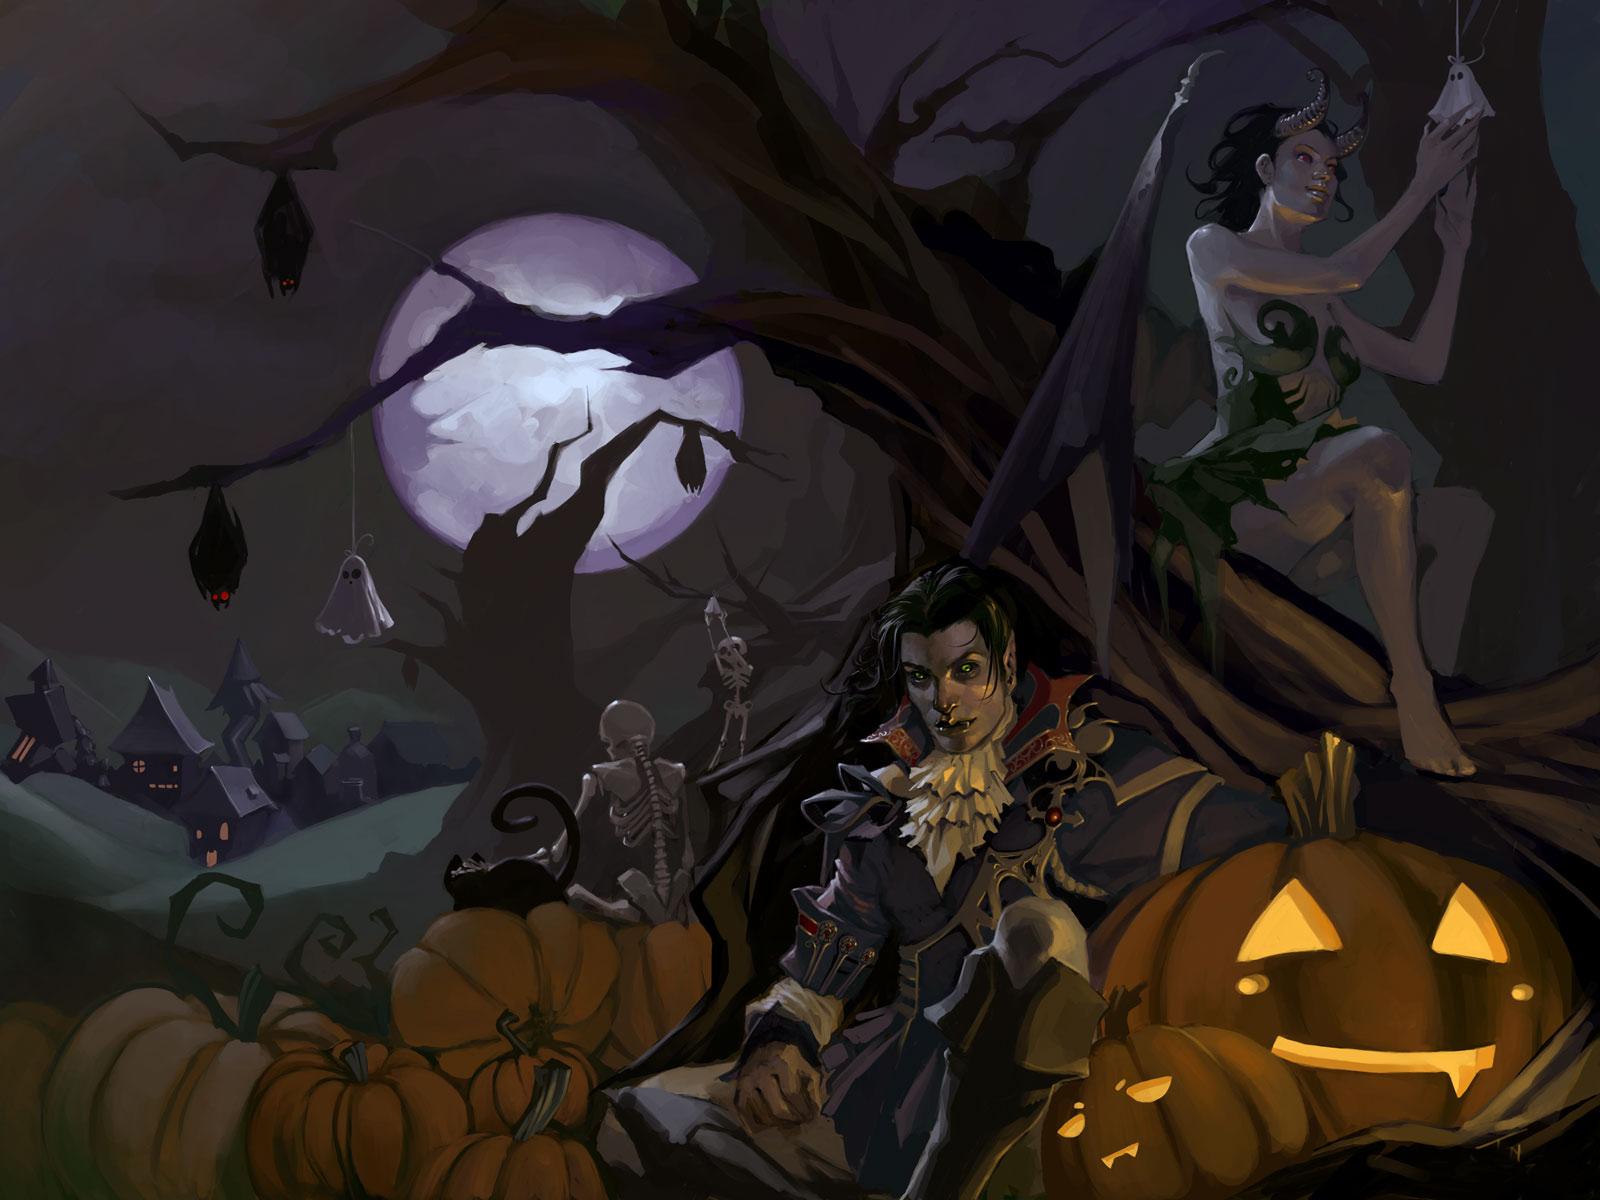 Halloween Wallpapers Cute Halloween Wallpapers 1600x1200